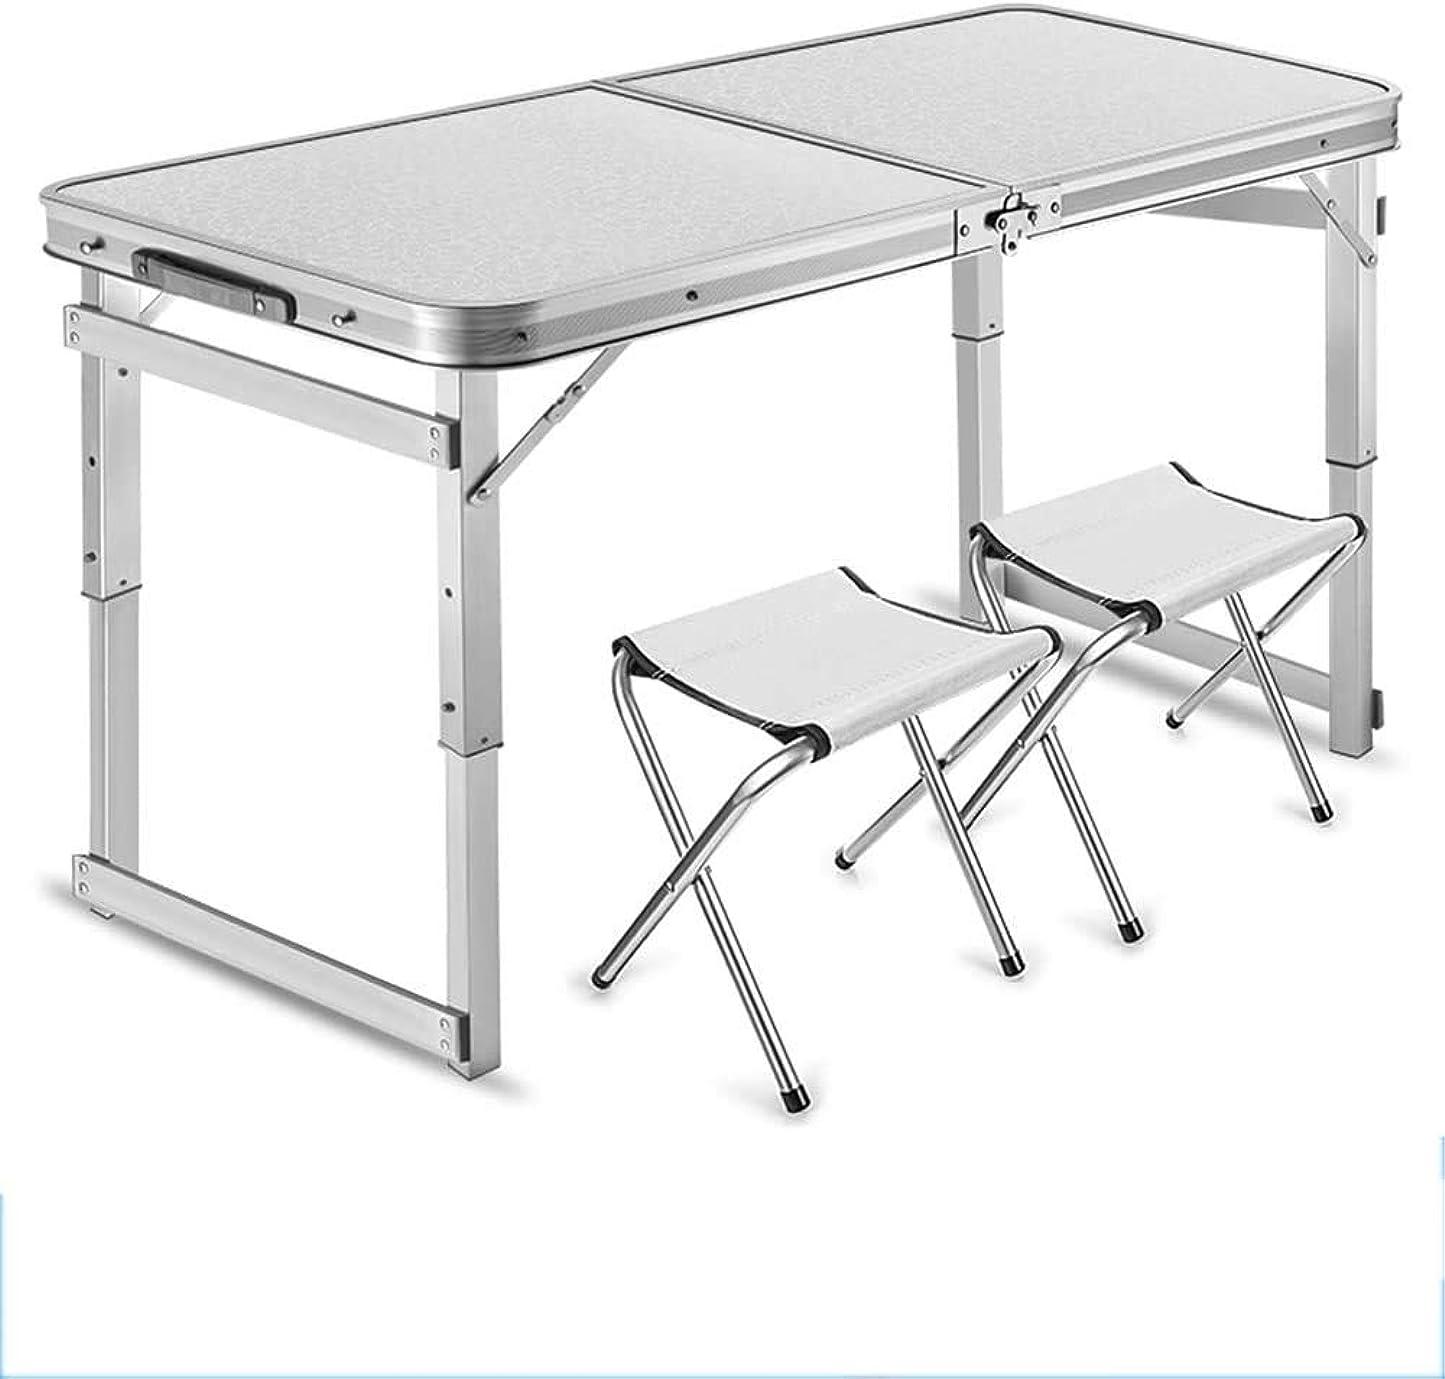 脱獄ホイッスル煩わしいハイチェア セットのアルミニウム折るテーブルの椅子、屋外の屋内使用を食事する党ピクニックのために調節可能な携帯用キャンプテーブルの軽量の折りたたみ式テーブルの高さ,Silver,B